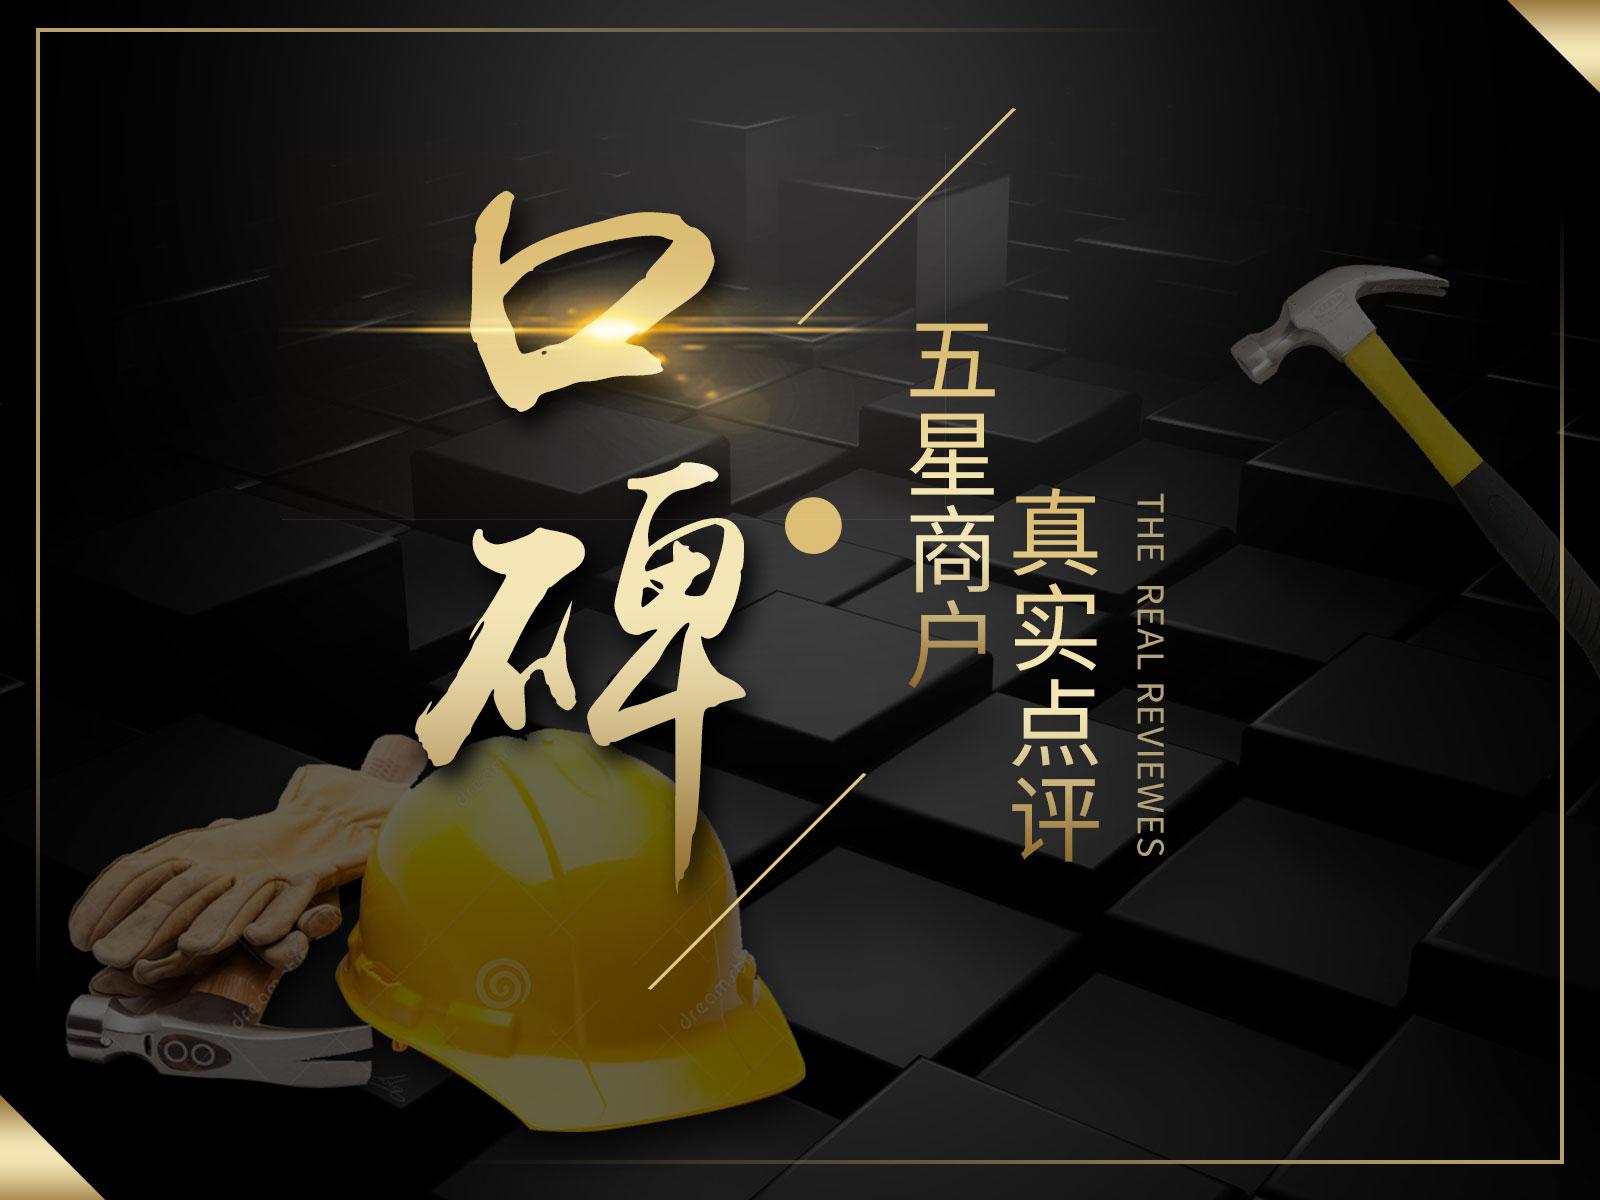 郫县zui大的优游注册登录饰优游注册登录优游注册登录